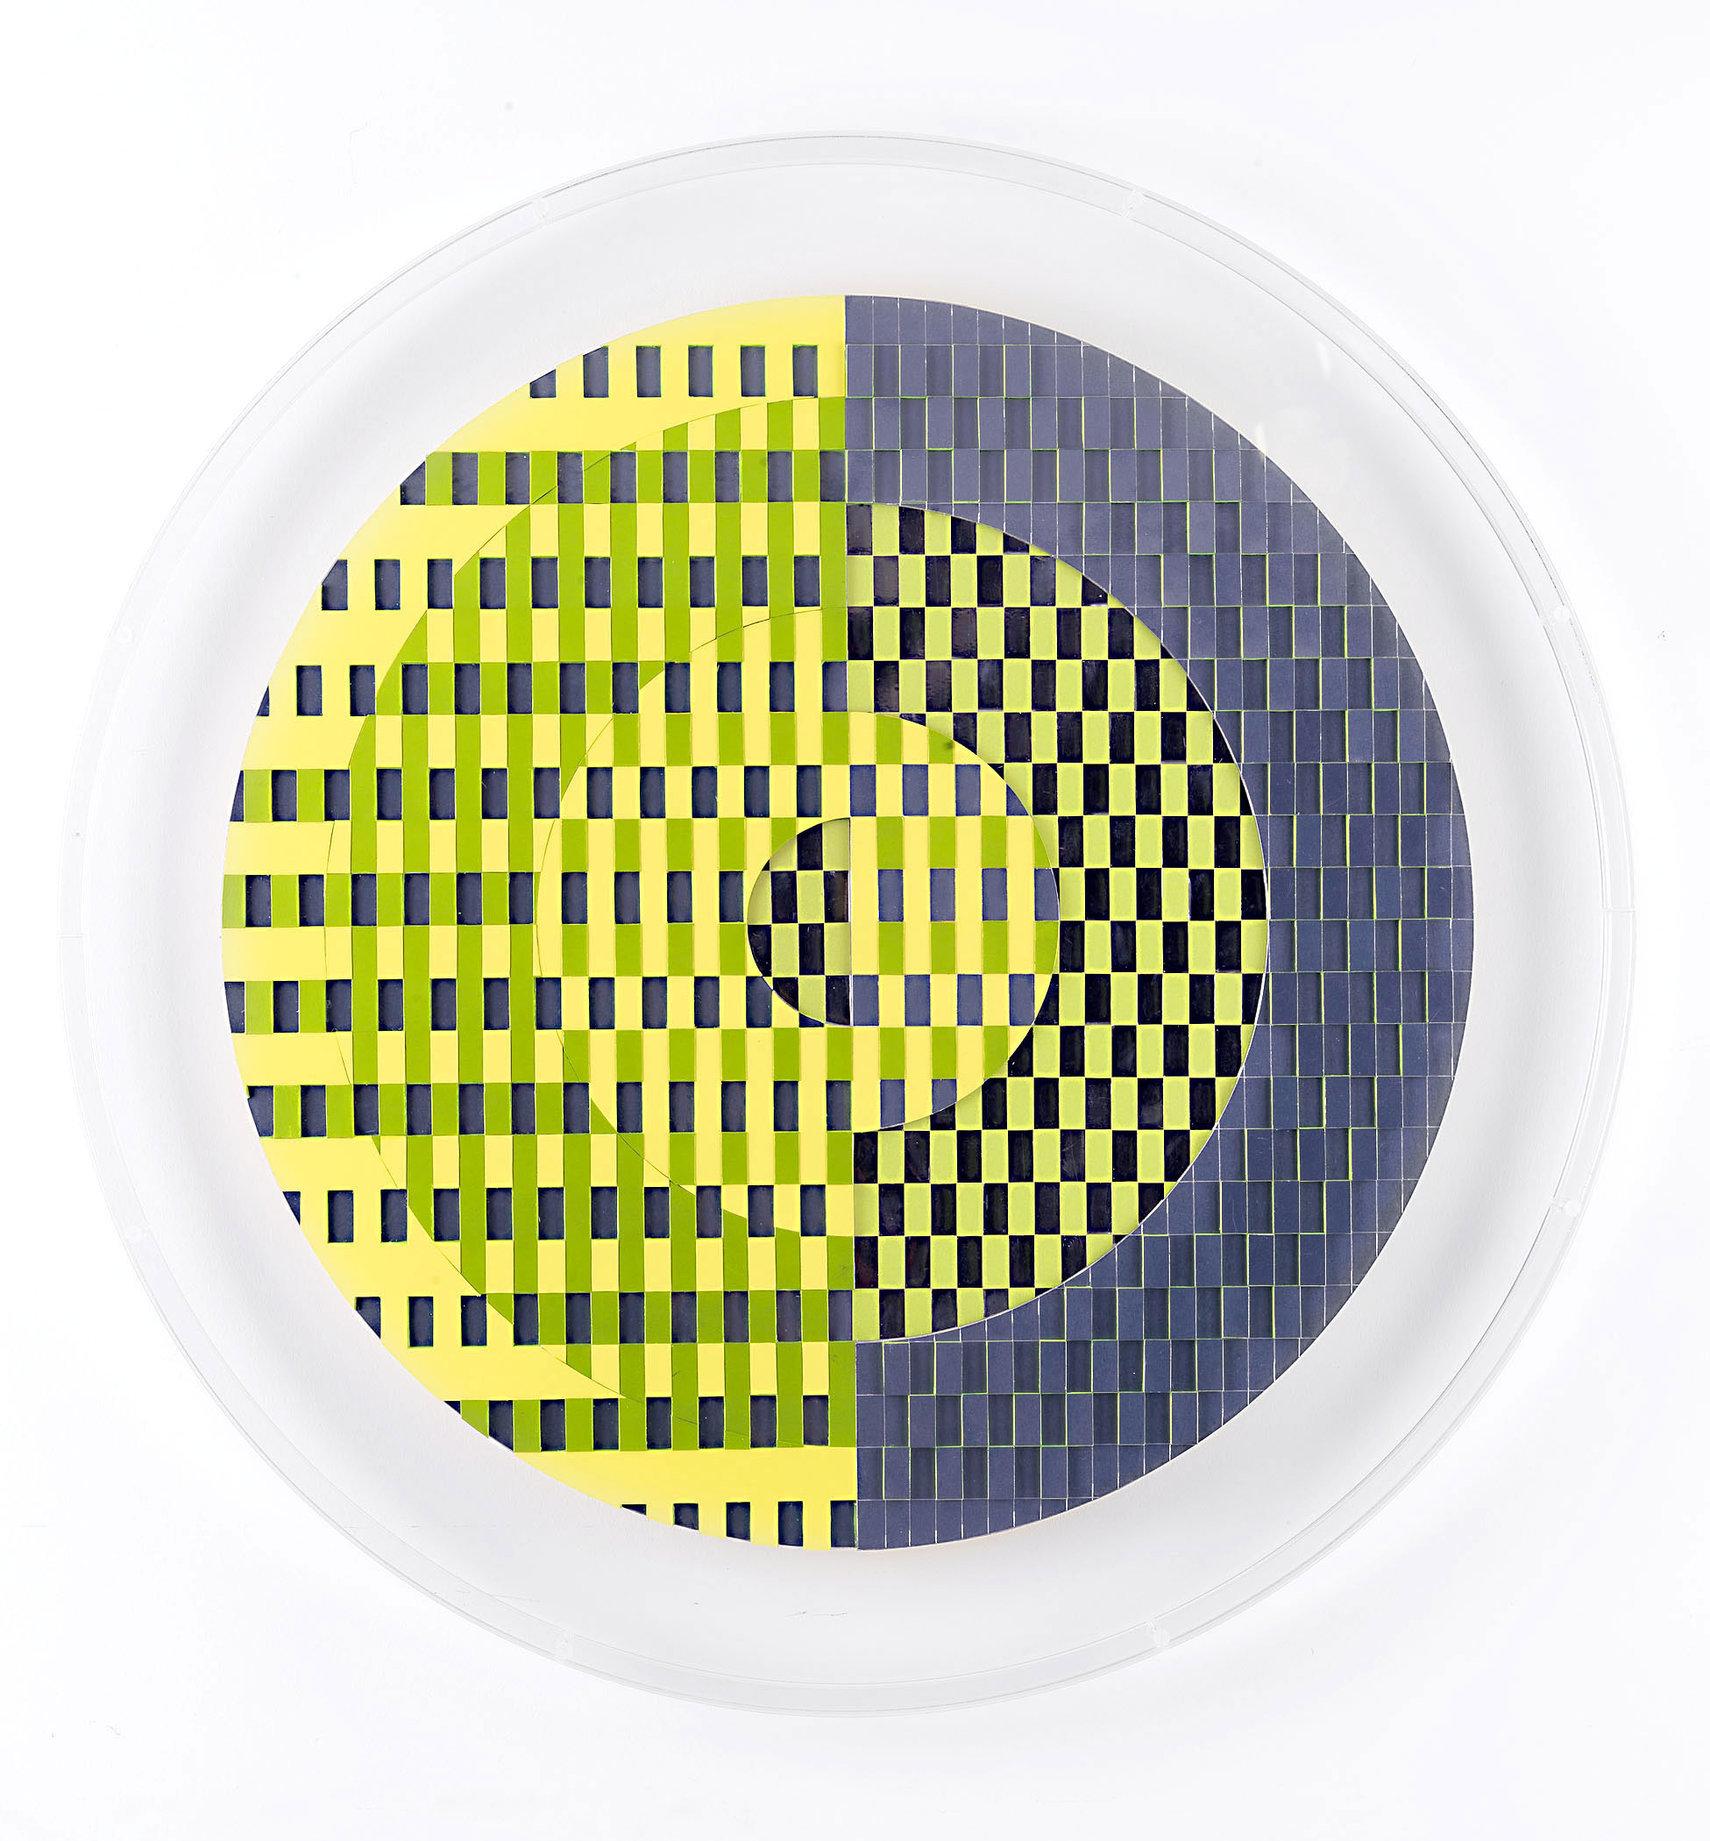 Francoise LUCIANI Cercle-vertjaune-1.-D60cm.jpg